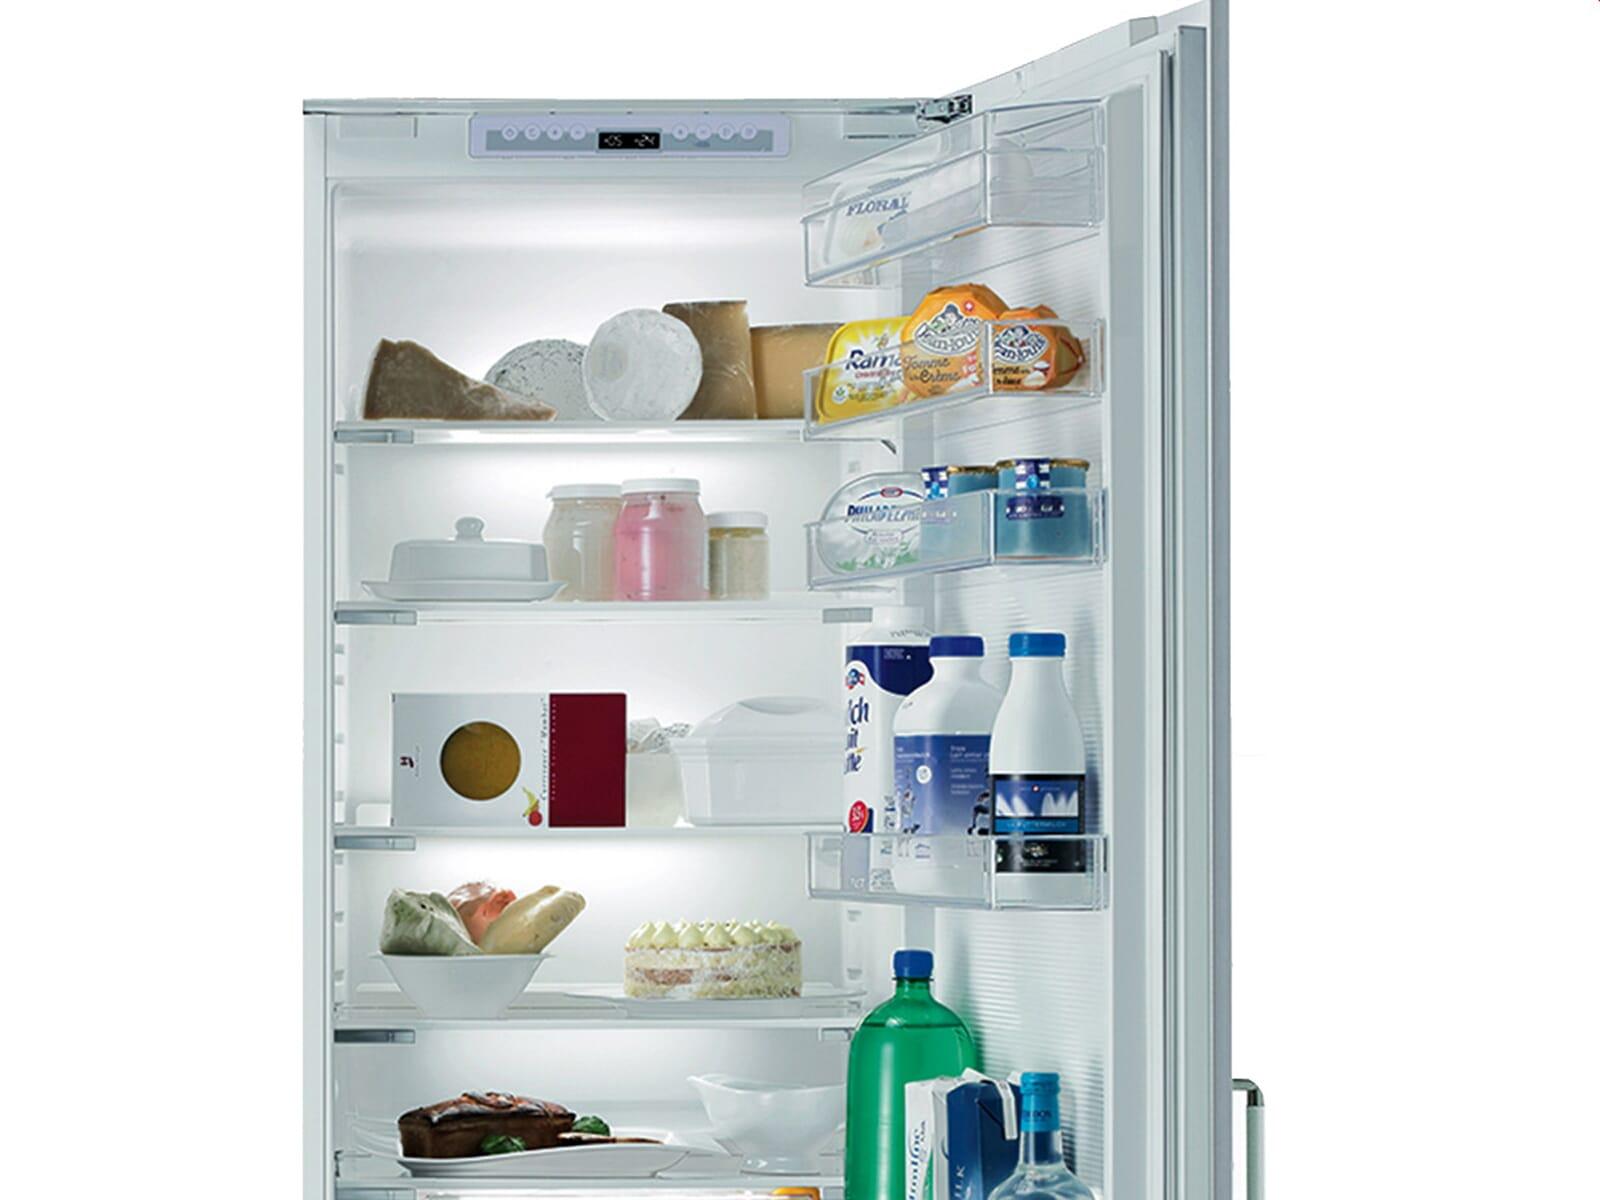 Smeg Kühlschrank Mit Icemaker : Kühlschrank bedienungsanleitung v zug prestige hashimoto